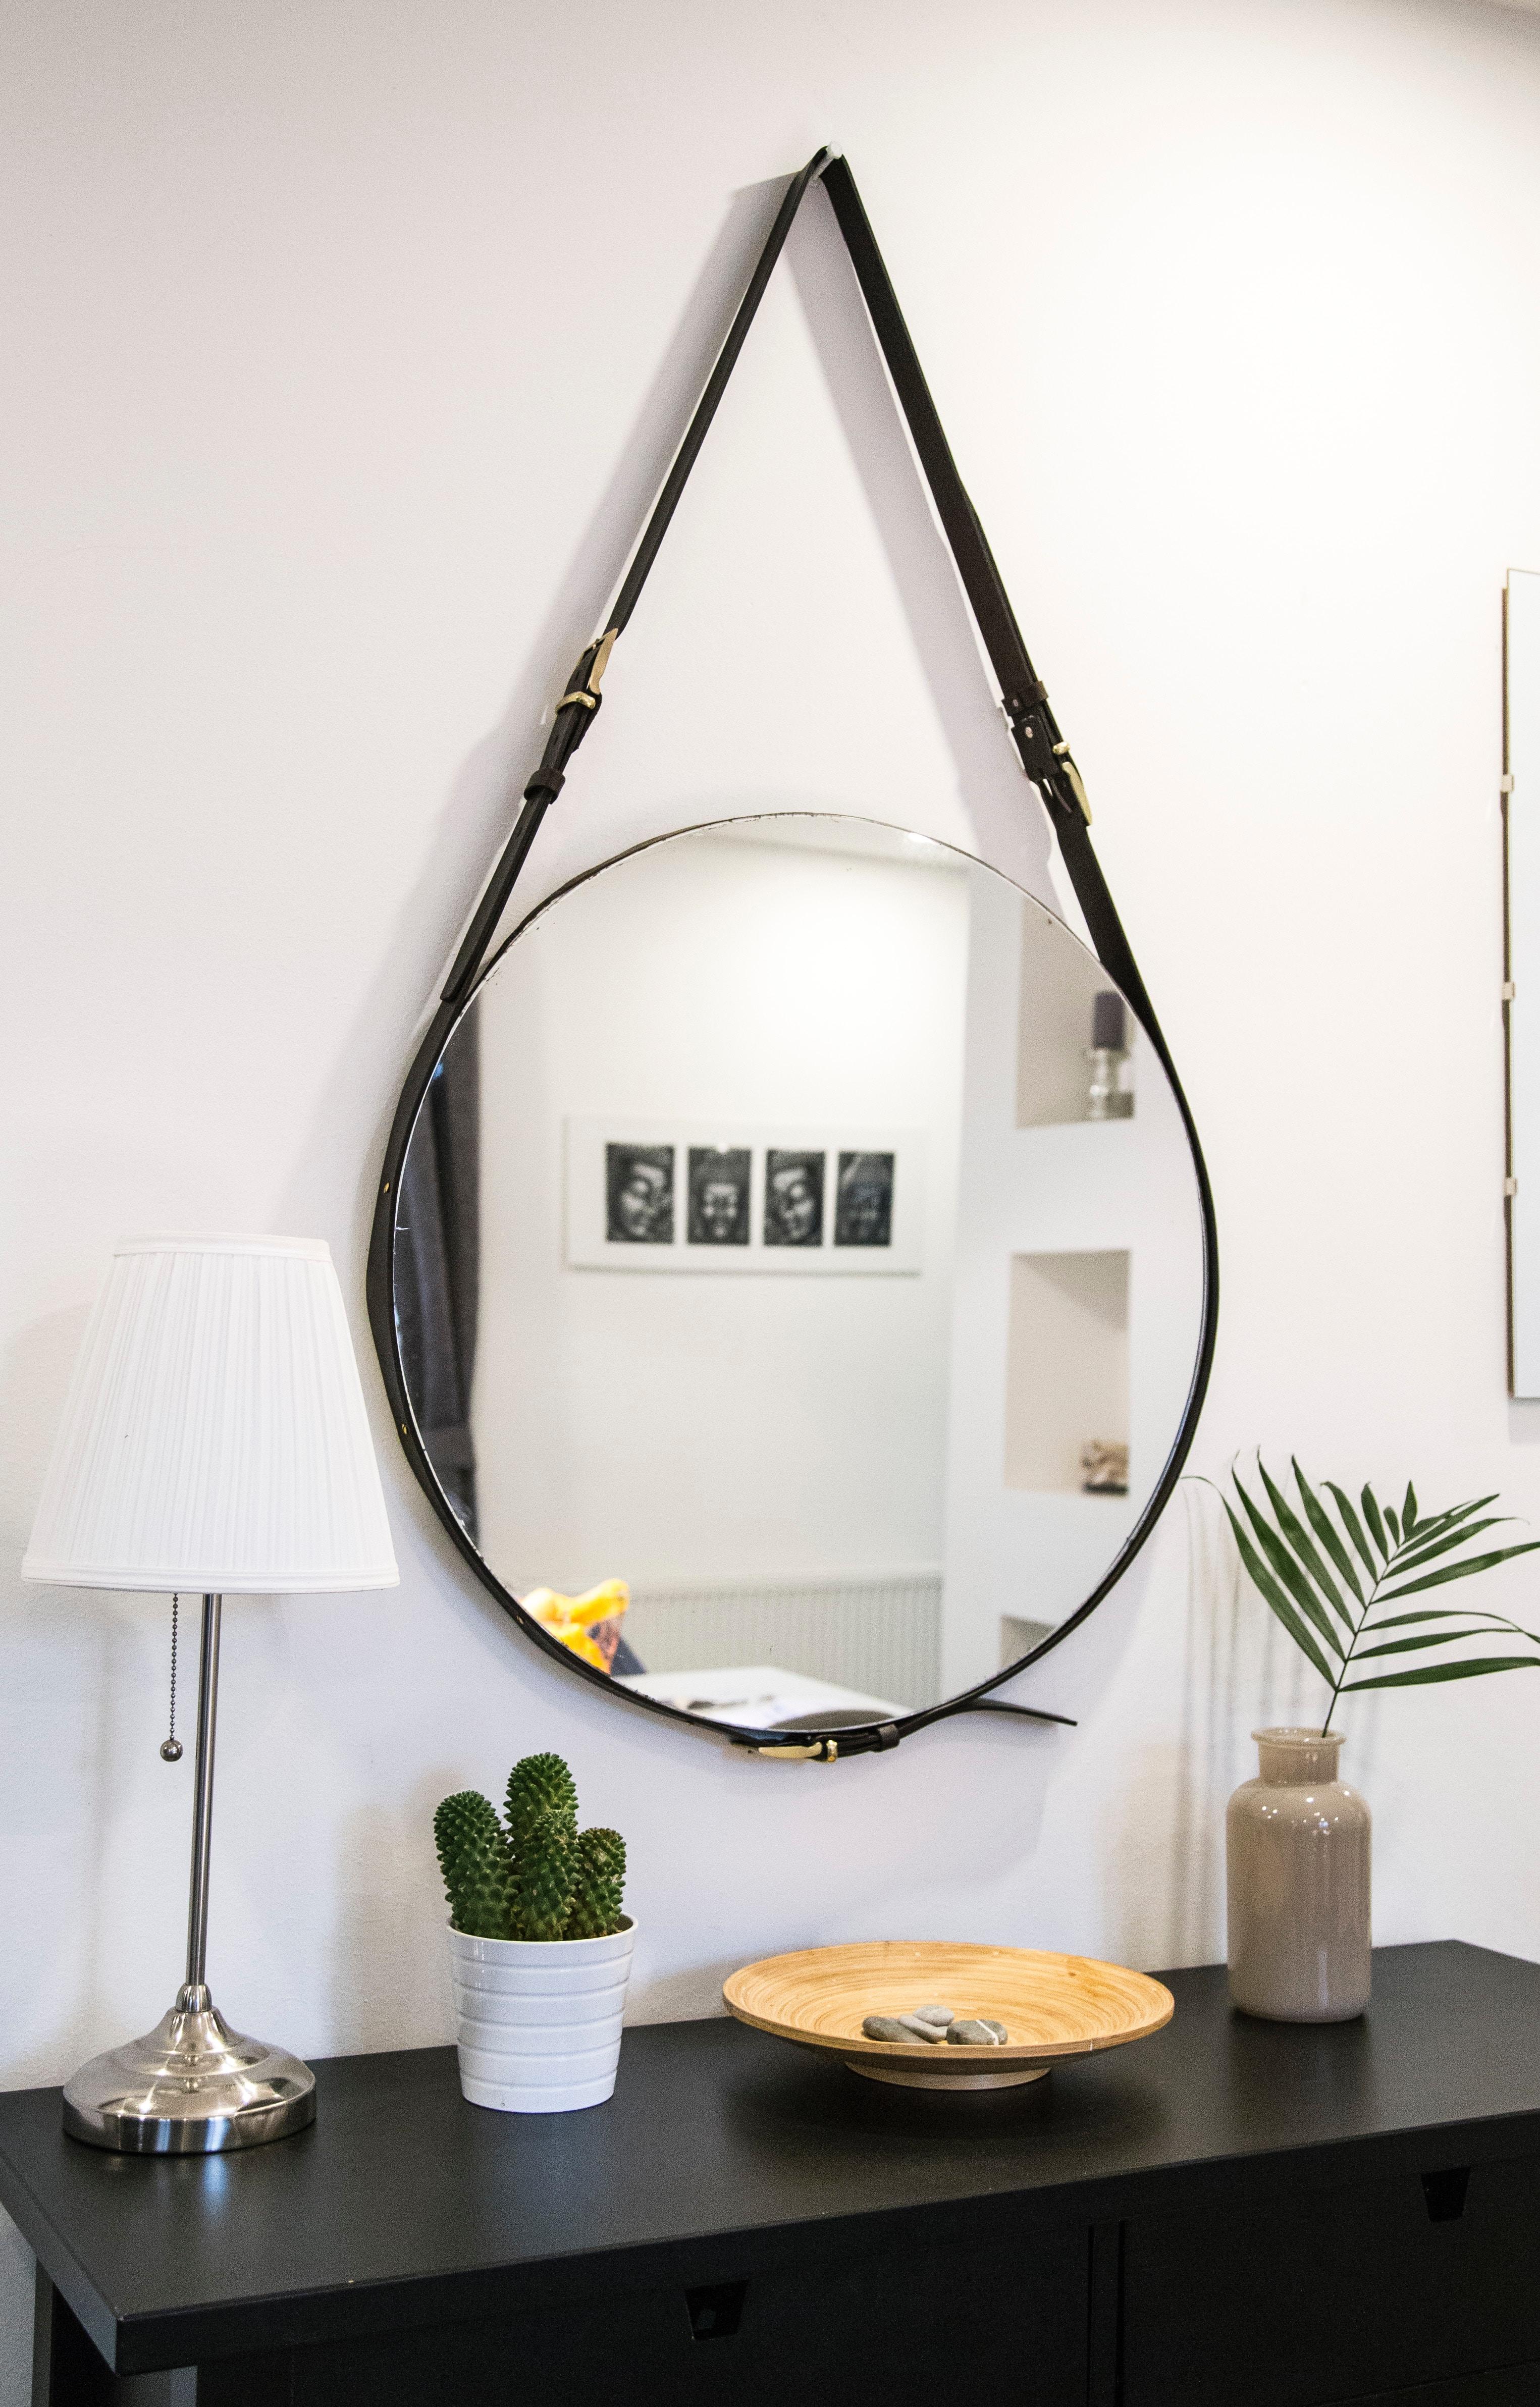 Spiegel mit Gürtel als Halterung